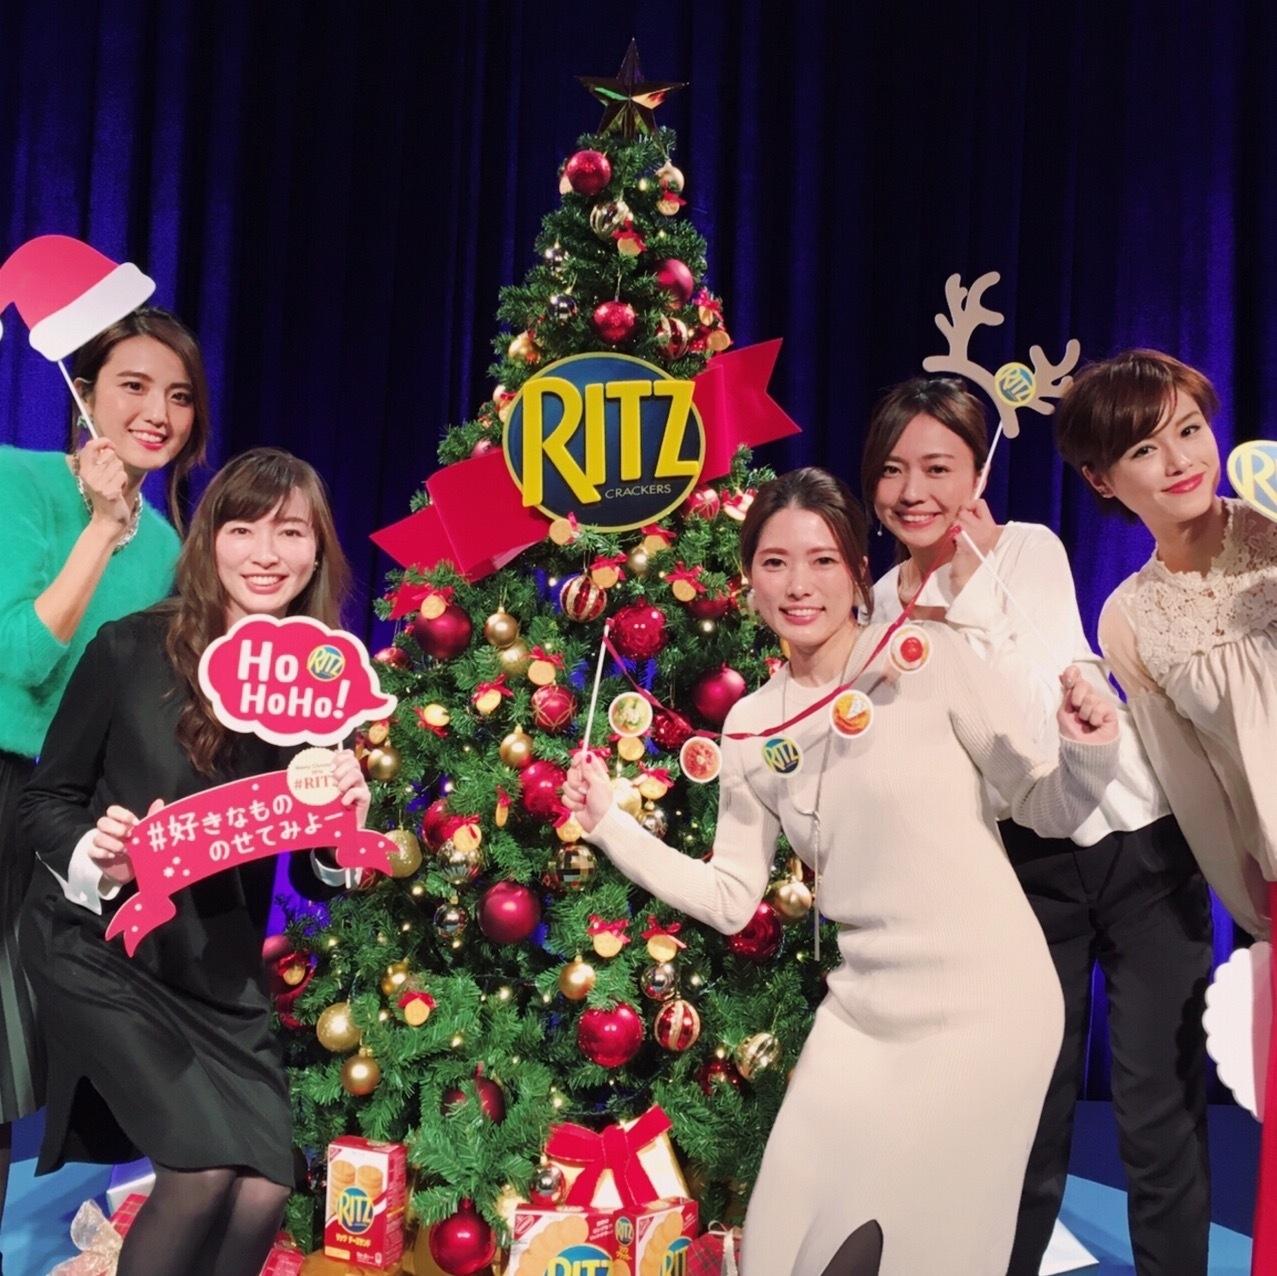 [PR]リアル・リッツ・パーティーでクリスマス気分満喫♪